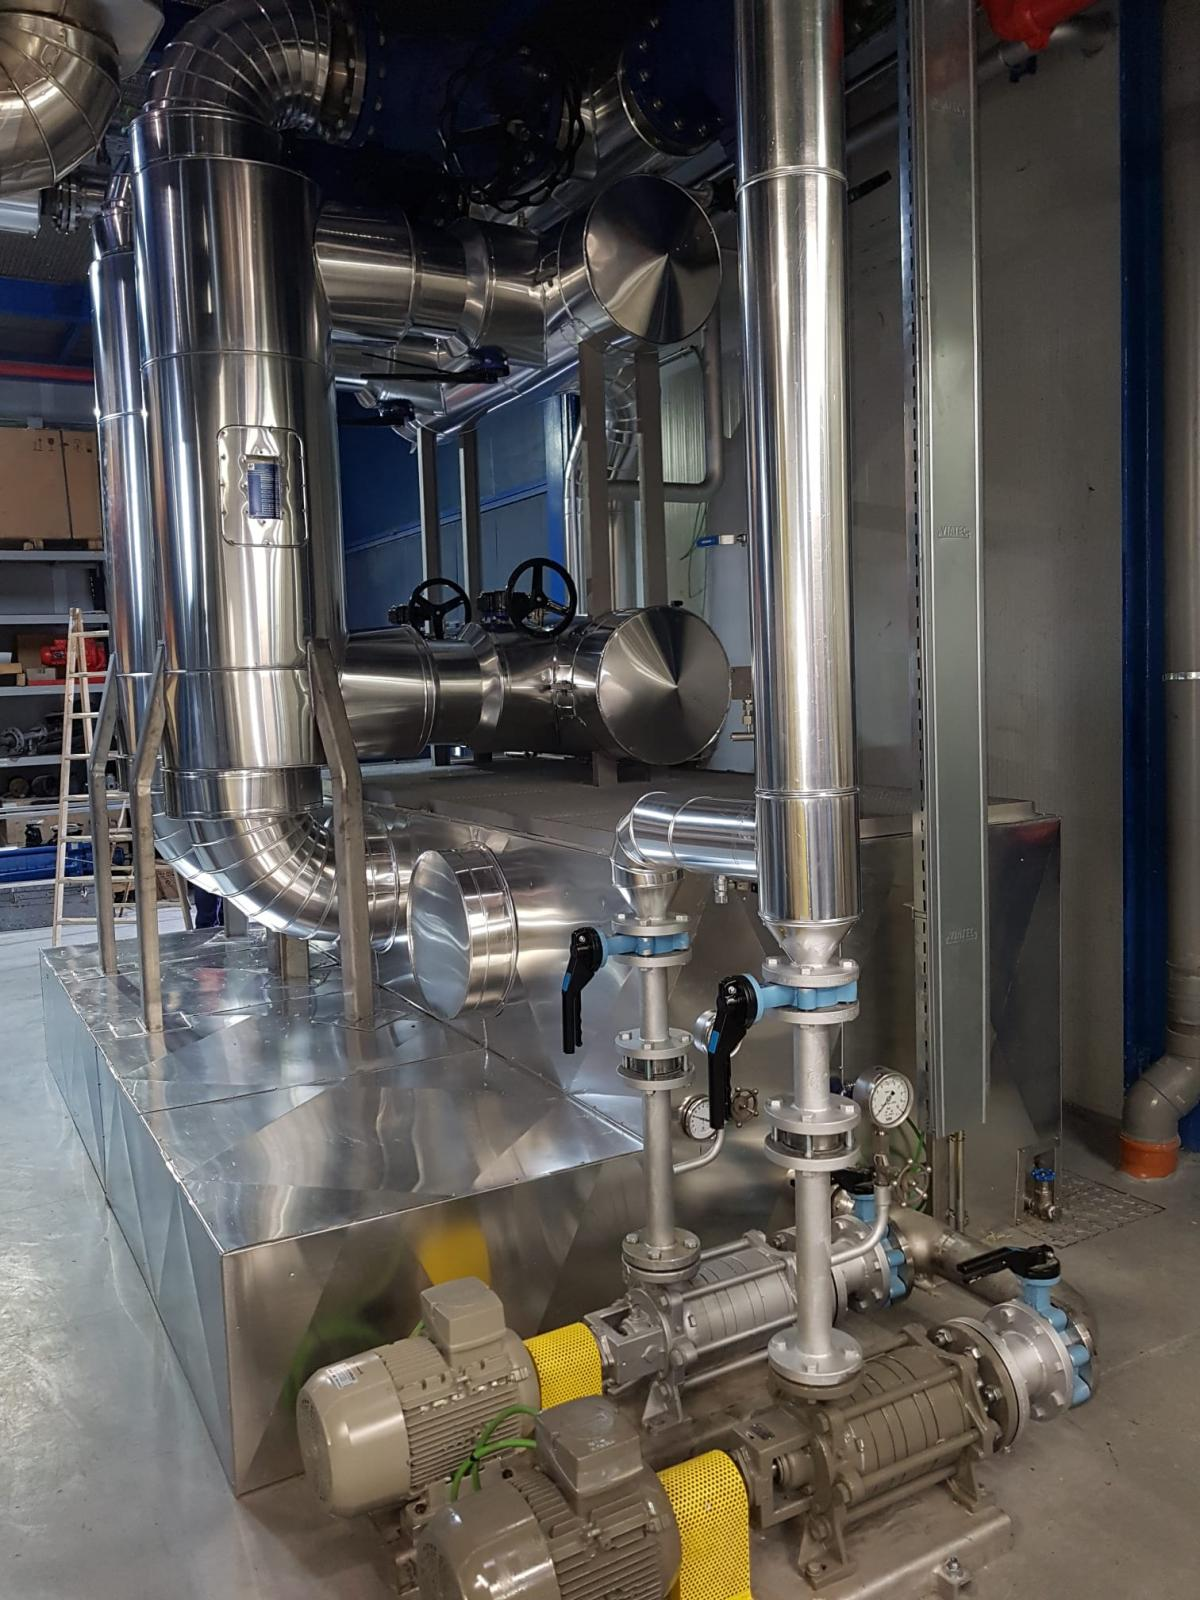 Comienzan con éxito las pruebas de la primera experiencia en España de hibridación entre una Red de Calor con Biomasa y una central de cogeneración